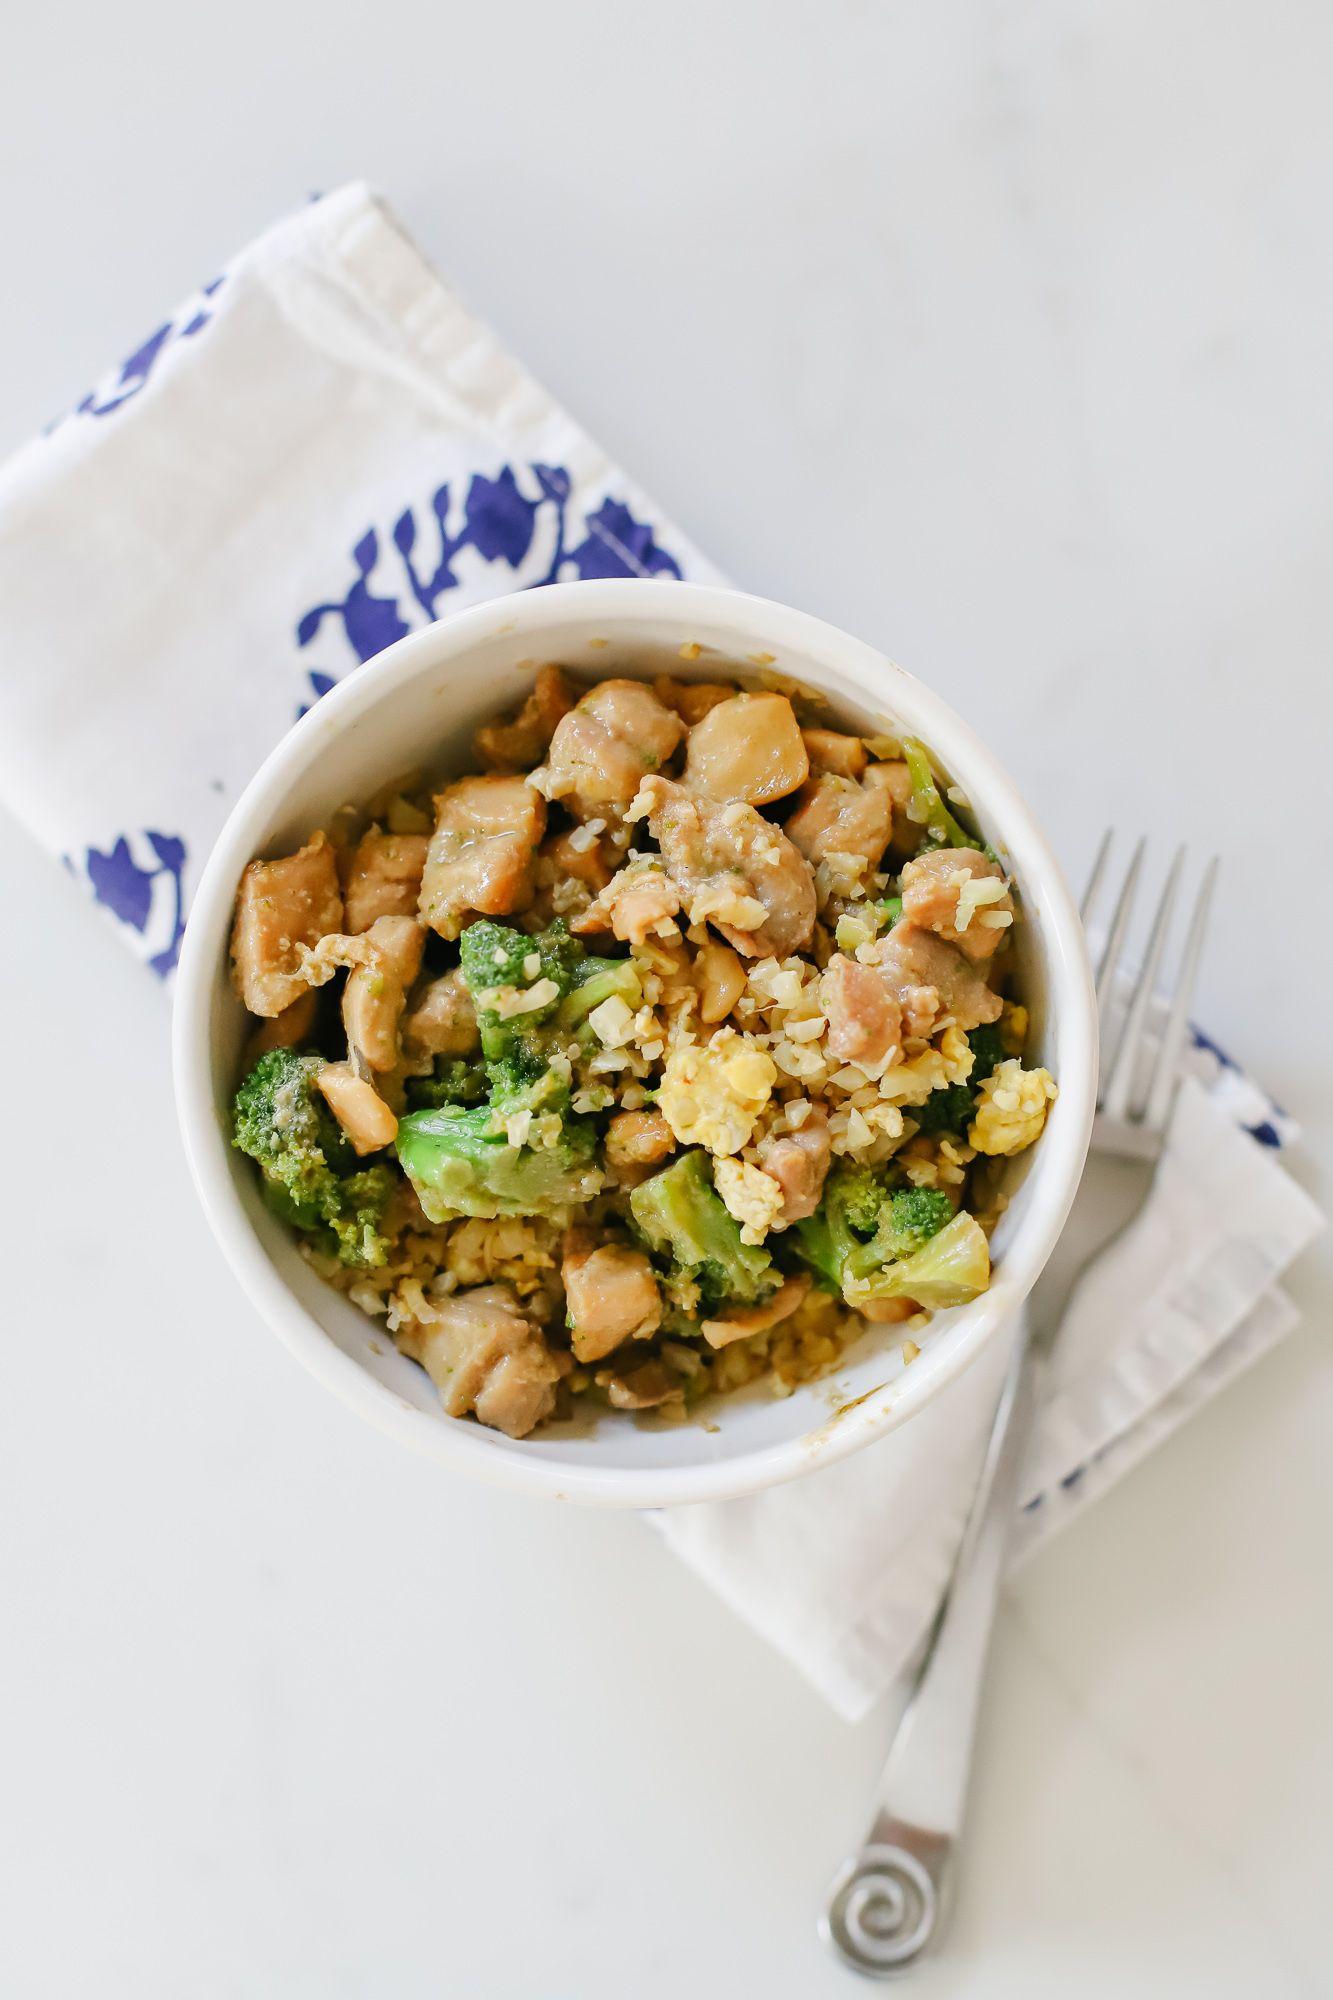 Keto Cauliflower Fried Rice and Ginger Chicken & Broccoli #cauliflowerfriedrice